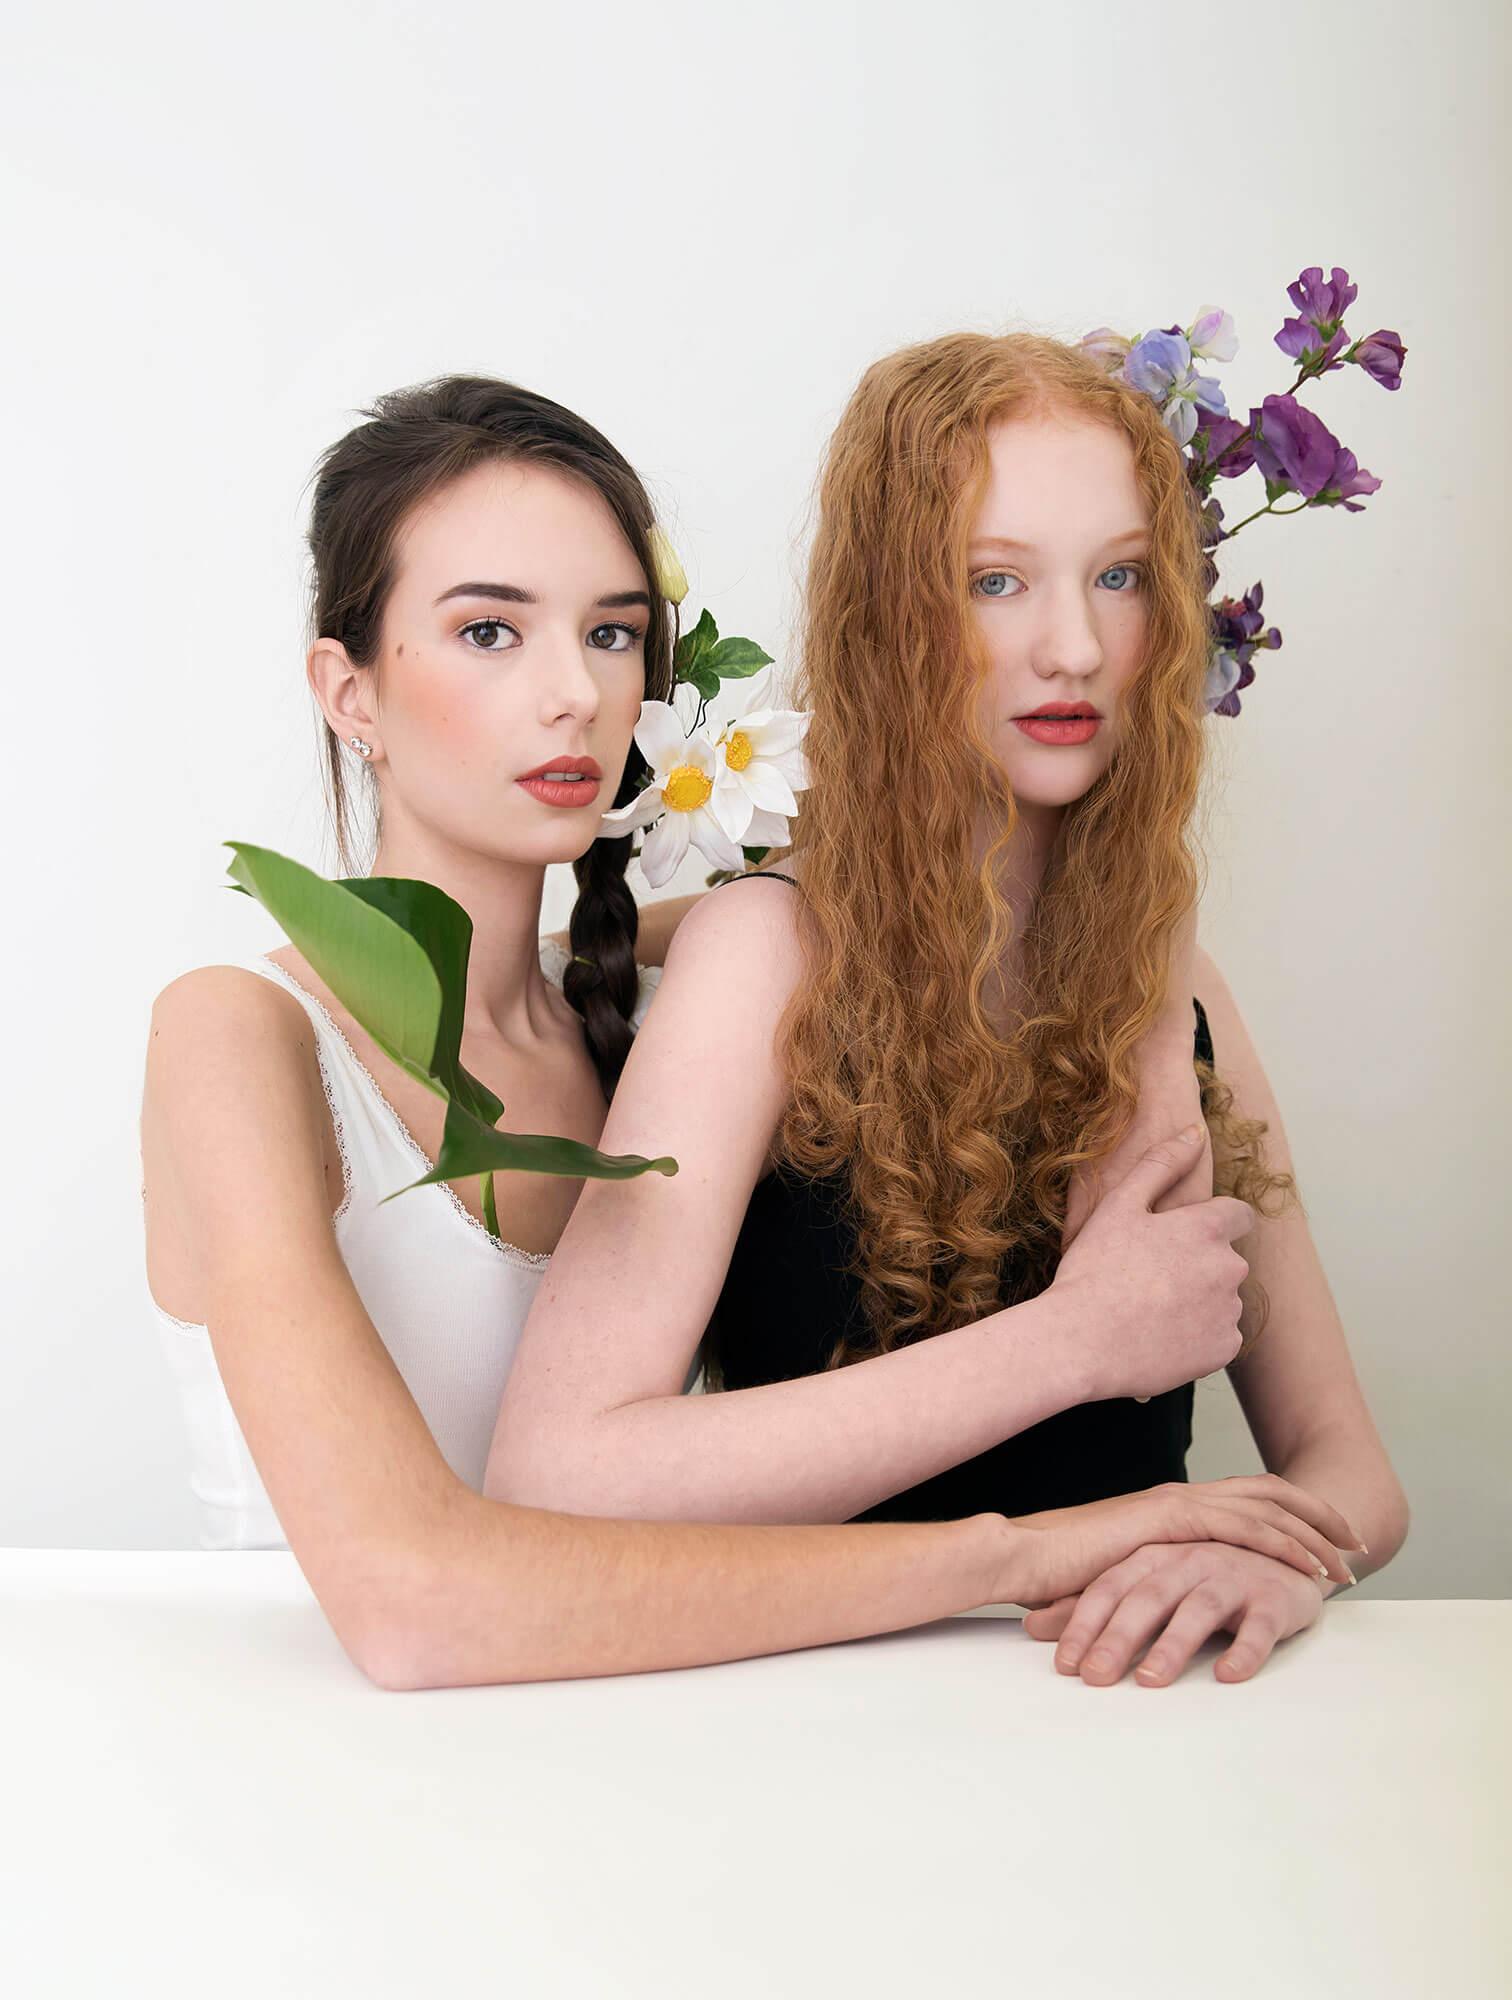 Isabel en Ruth Flowers 2.0 portret serie